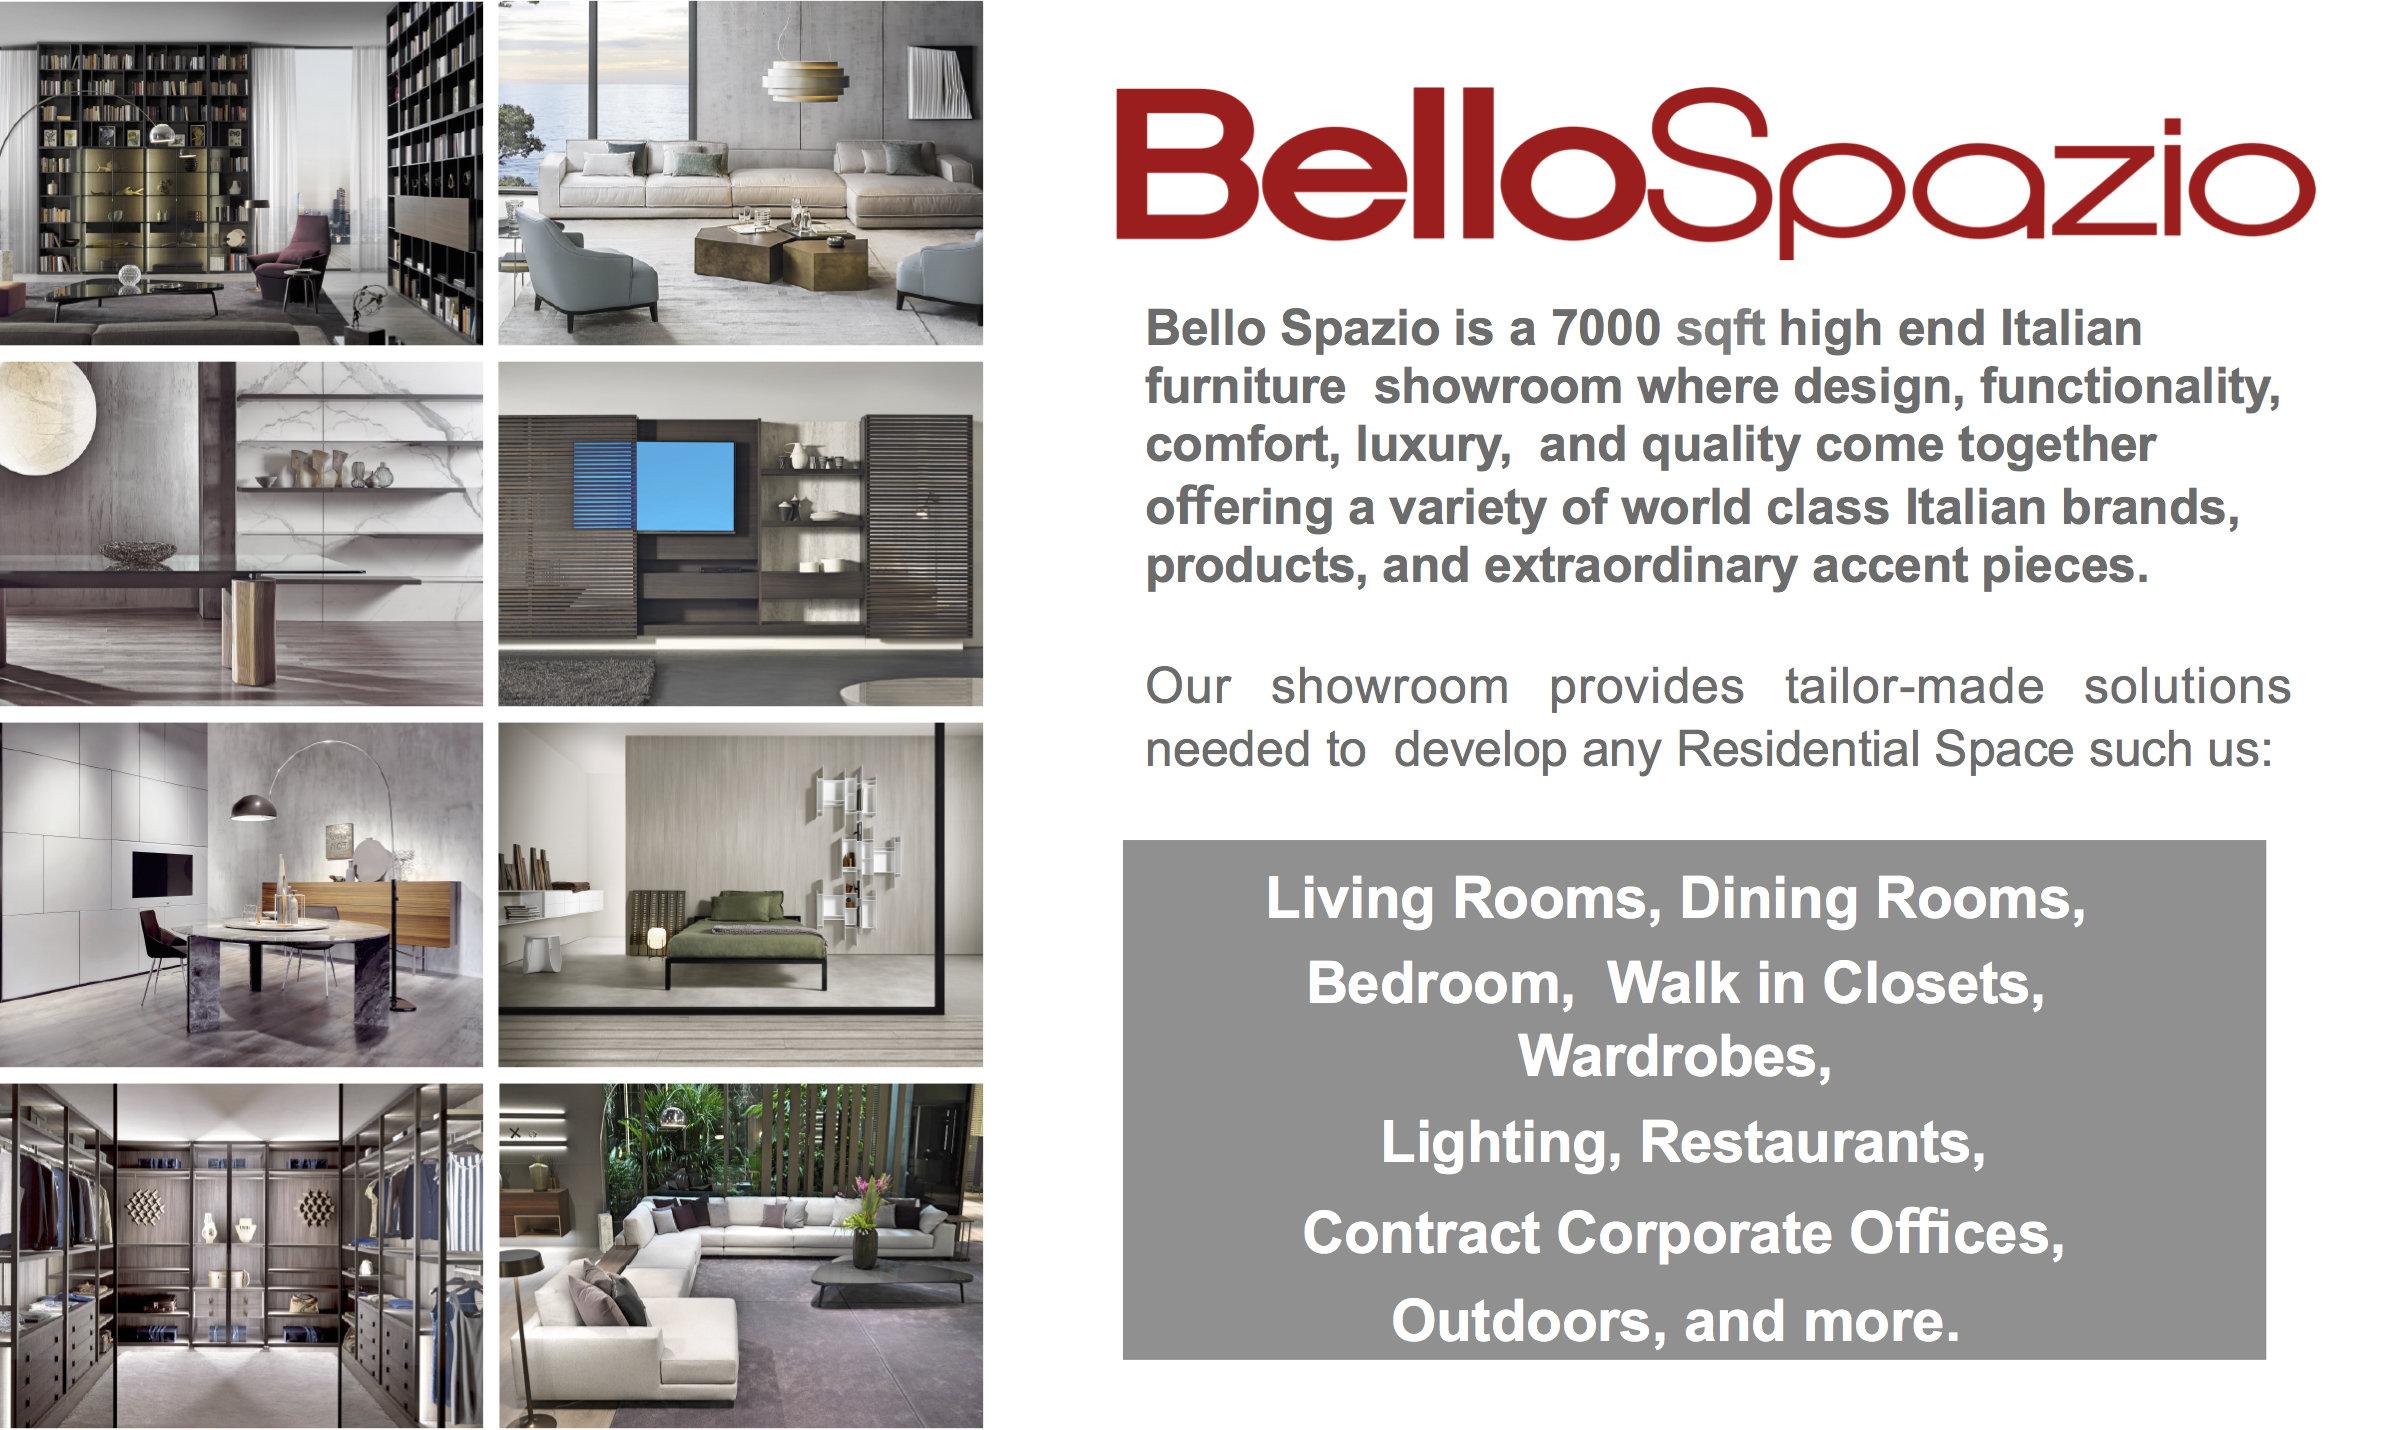 Showroom of Bello Spazio